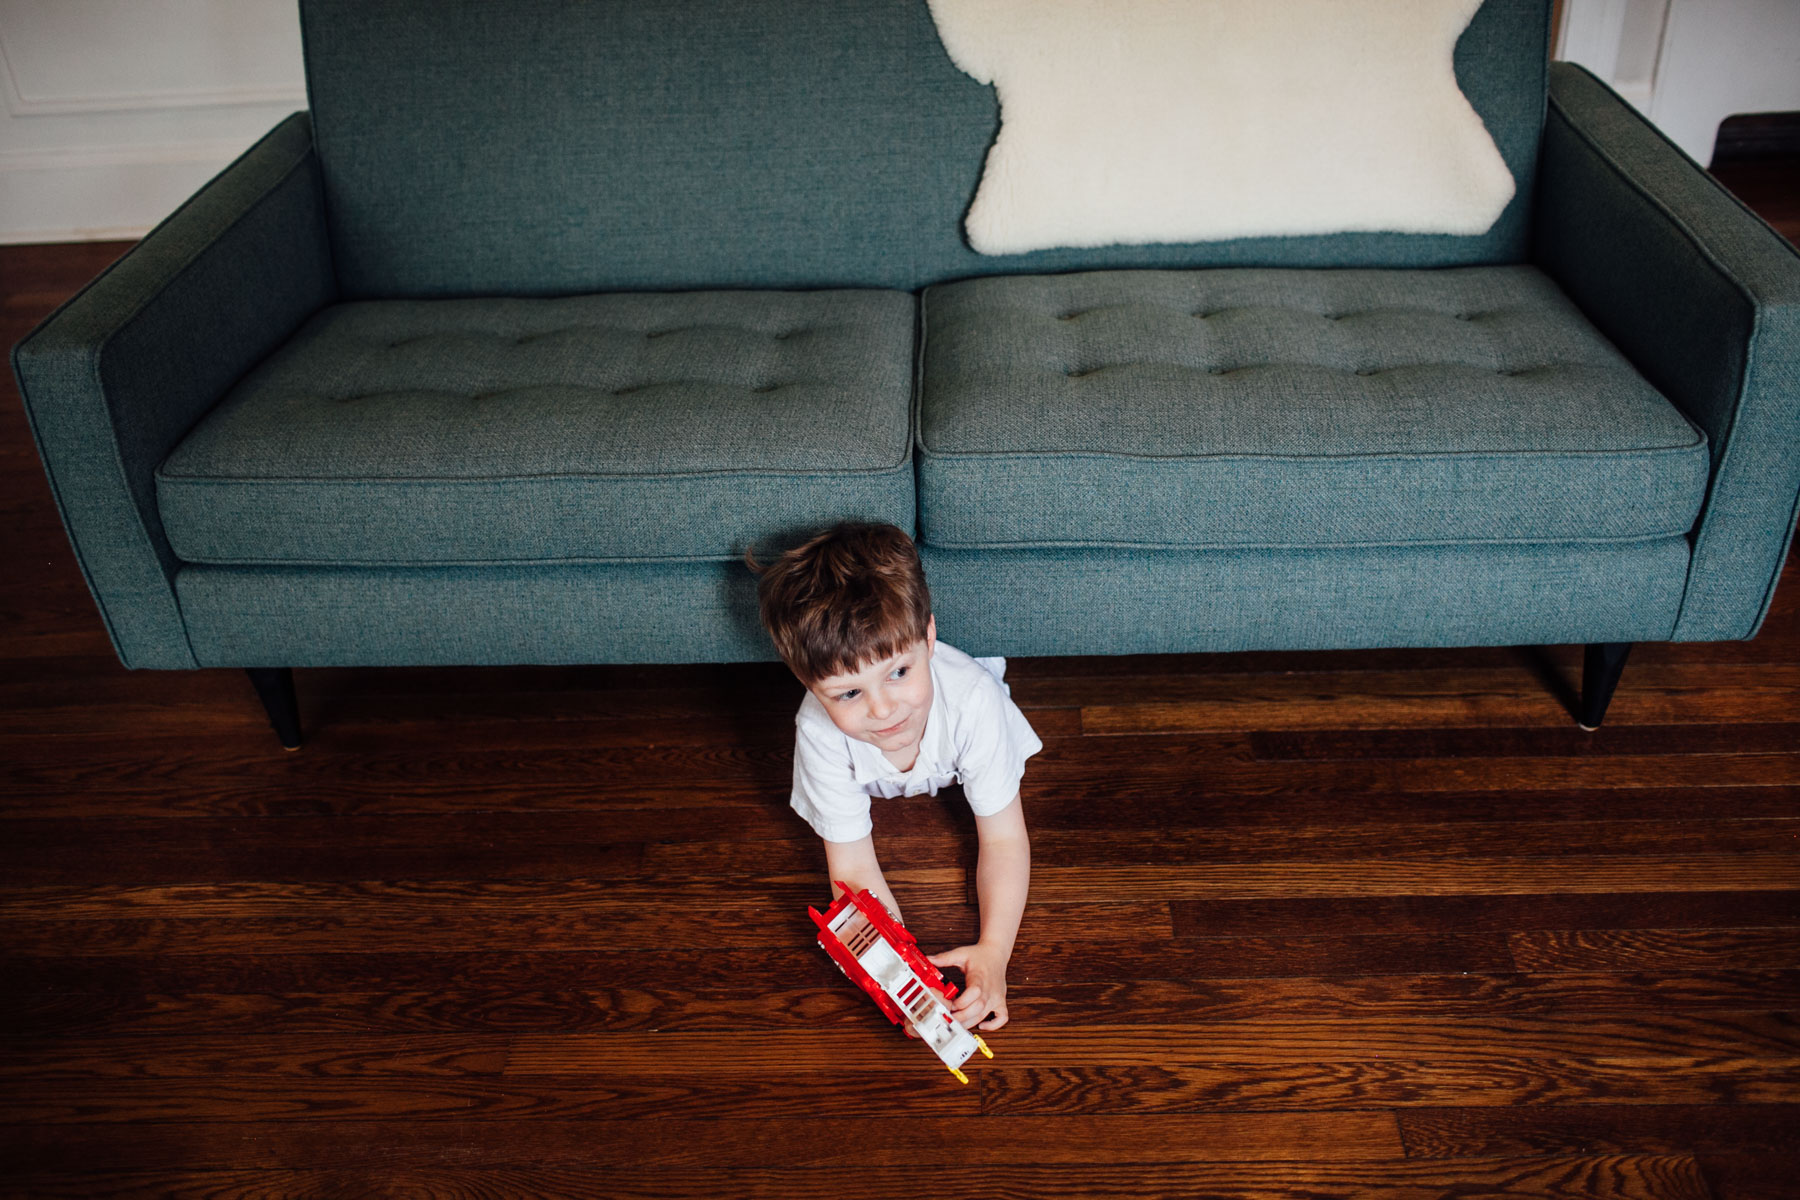 juliette fradin in-home MD photographer-2-2.jpg